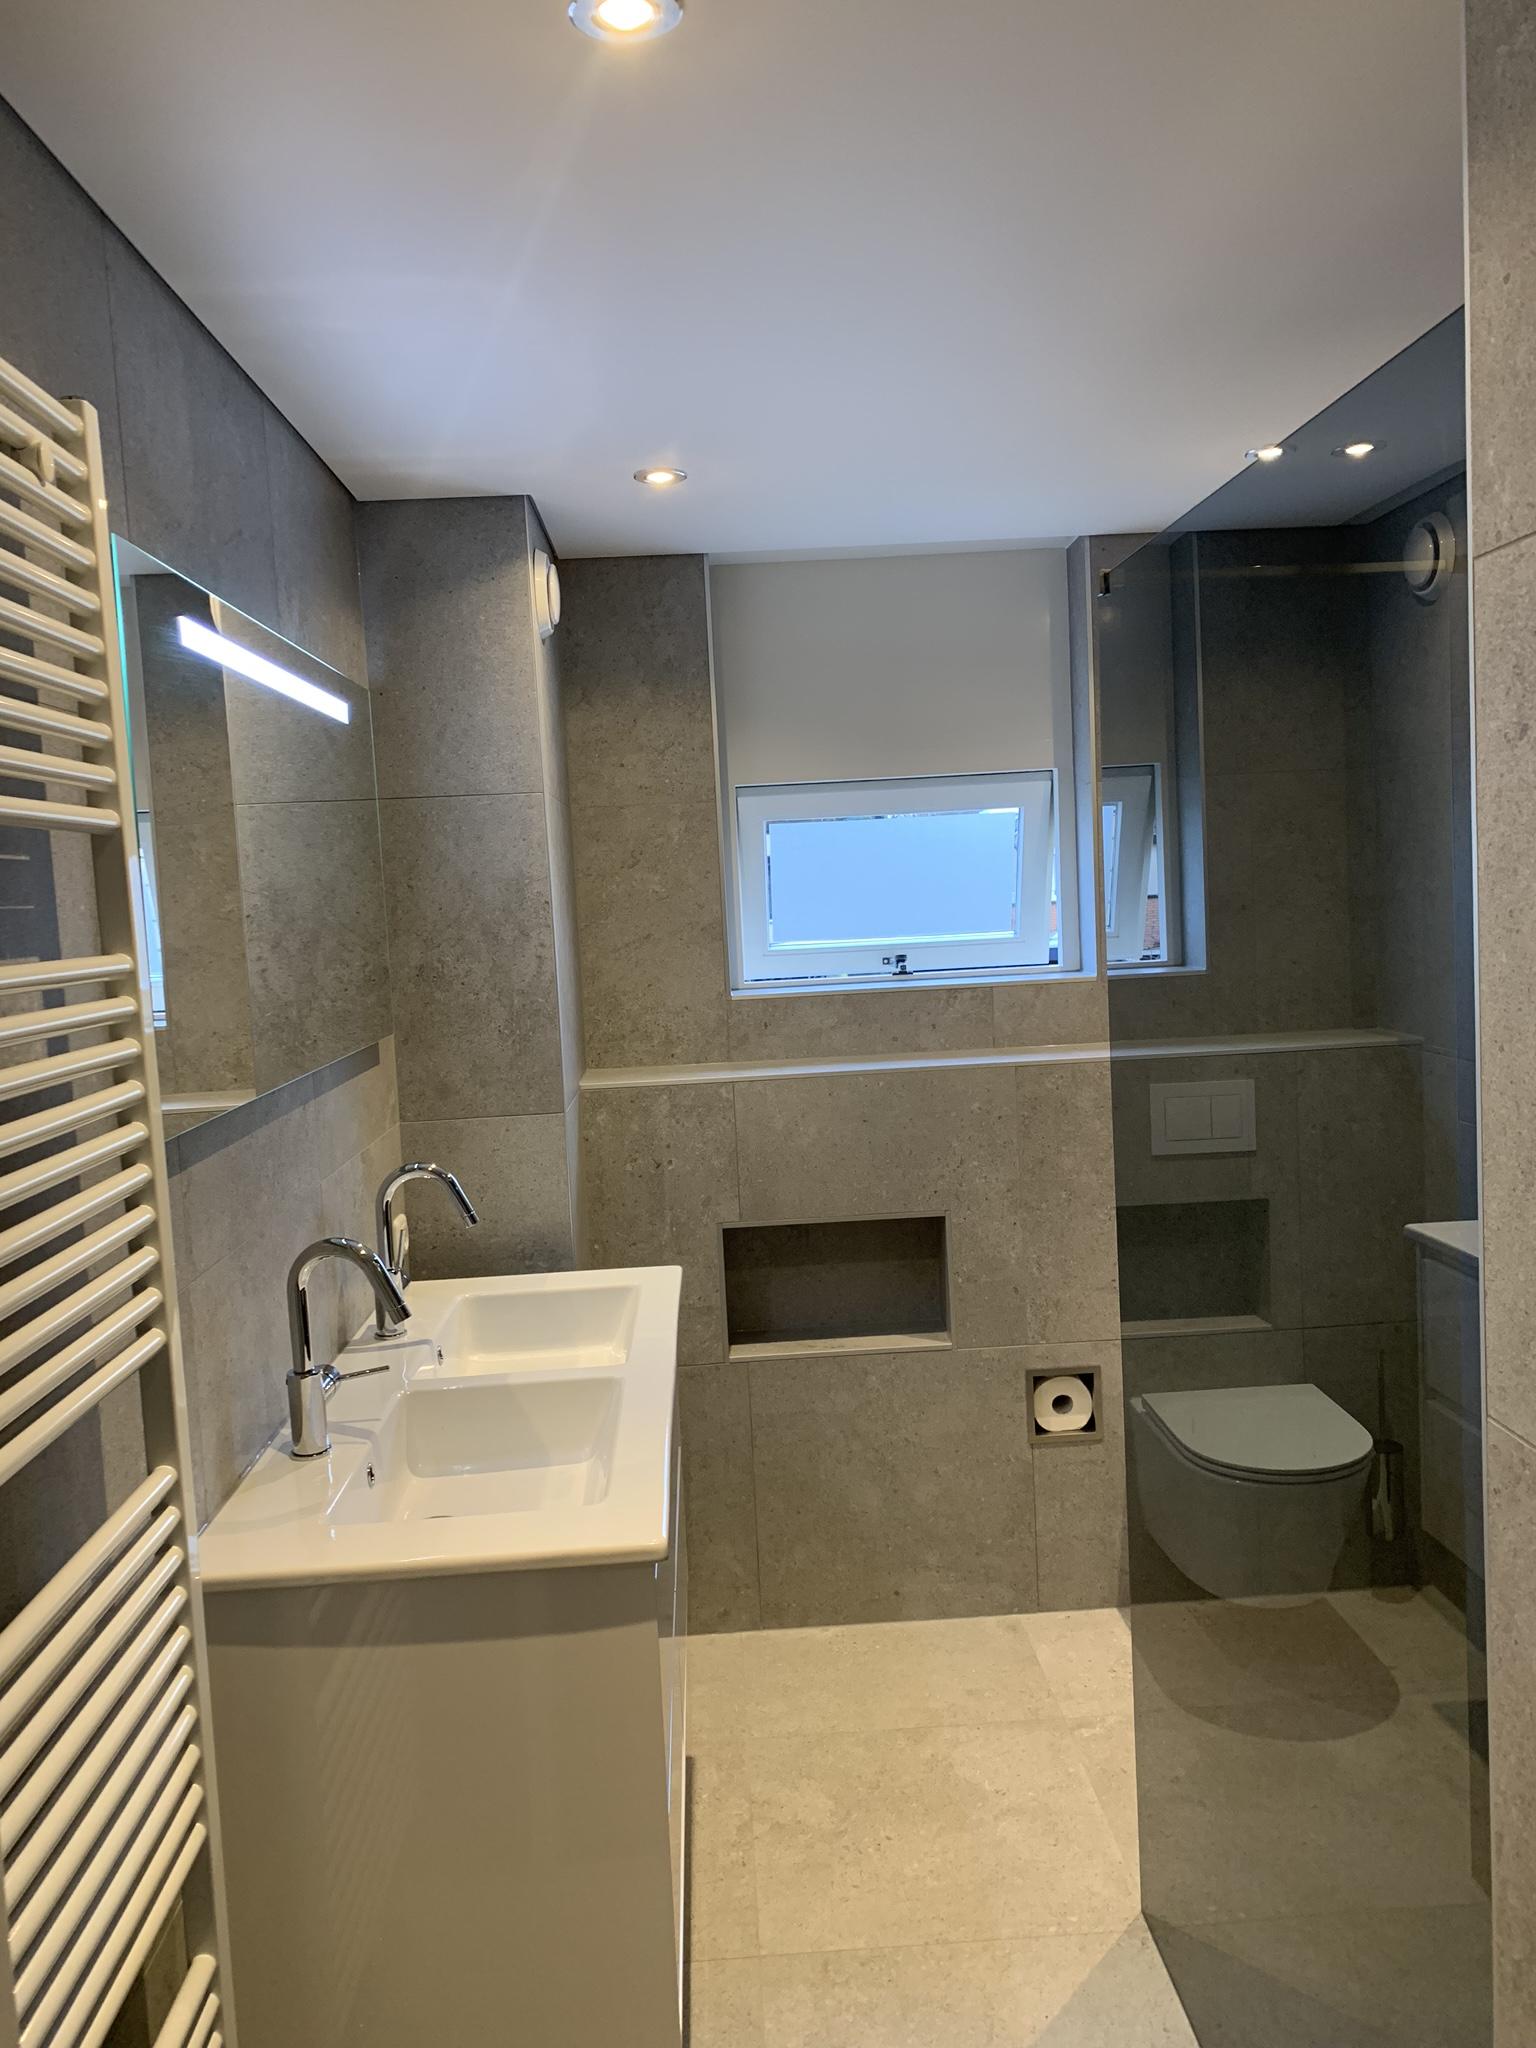 strakke luxe badkamer dankzij een spanplafond bij Indara